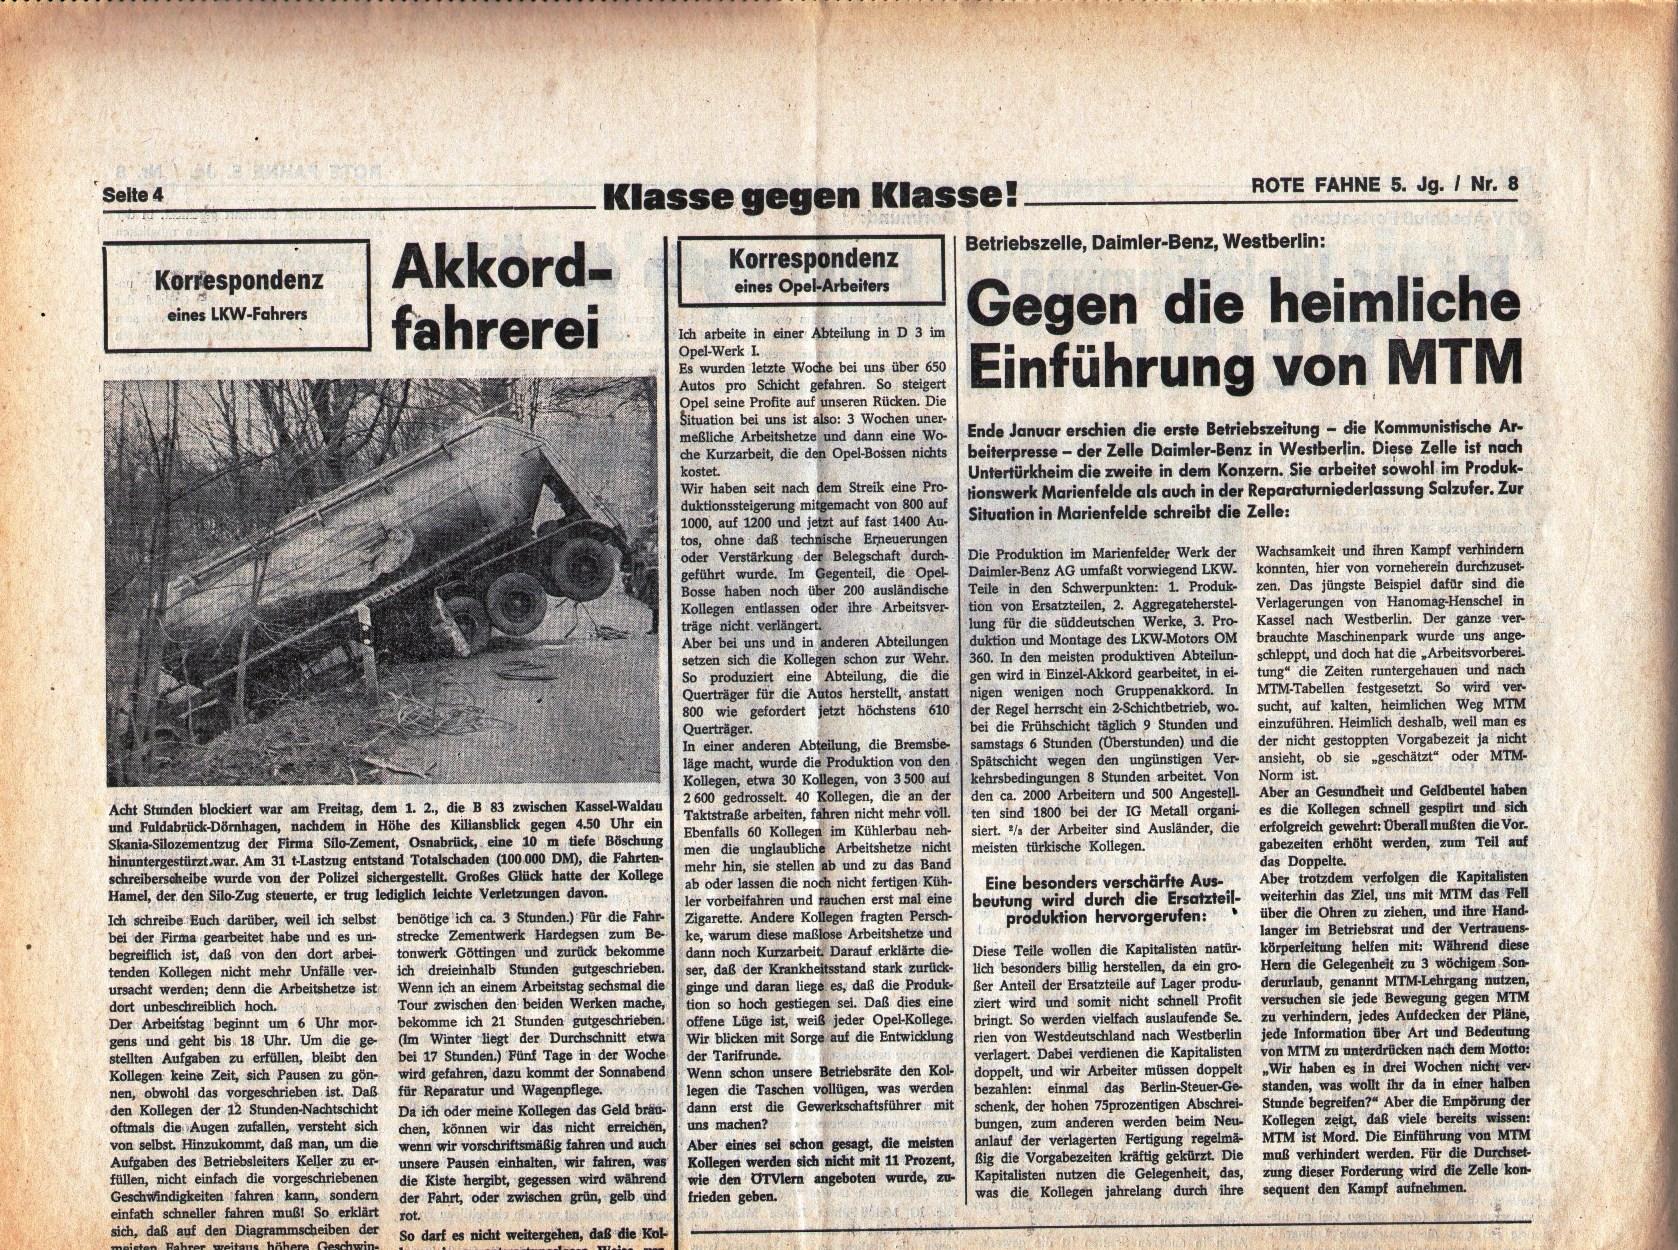 KPD_Rote_Fahne_1974_08_07